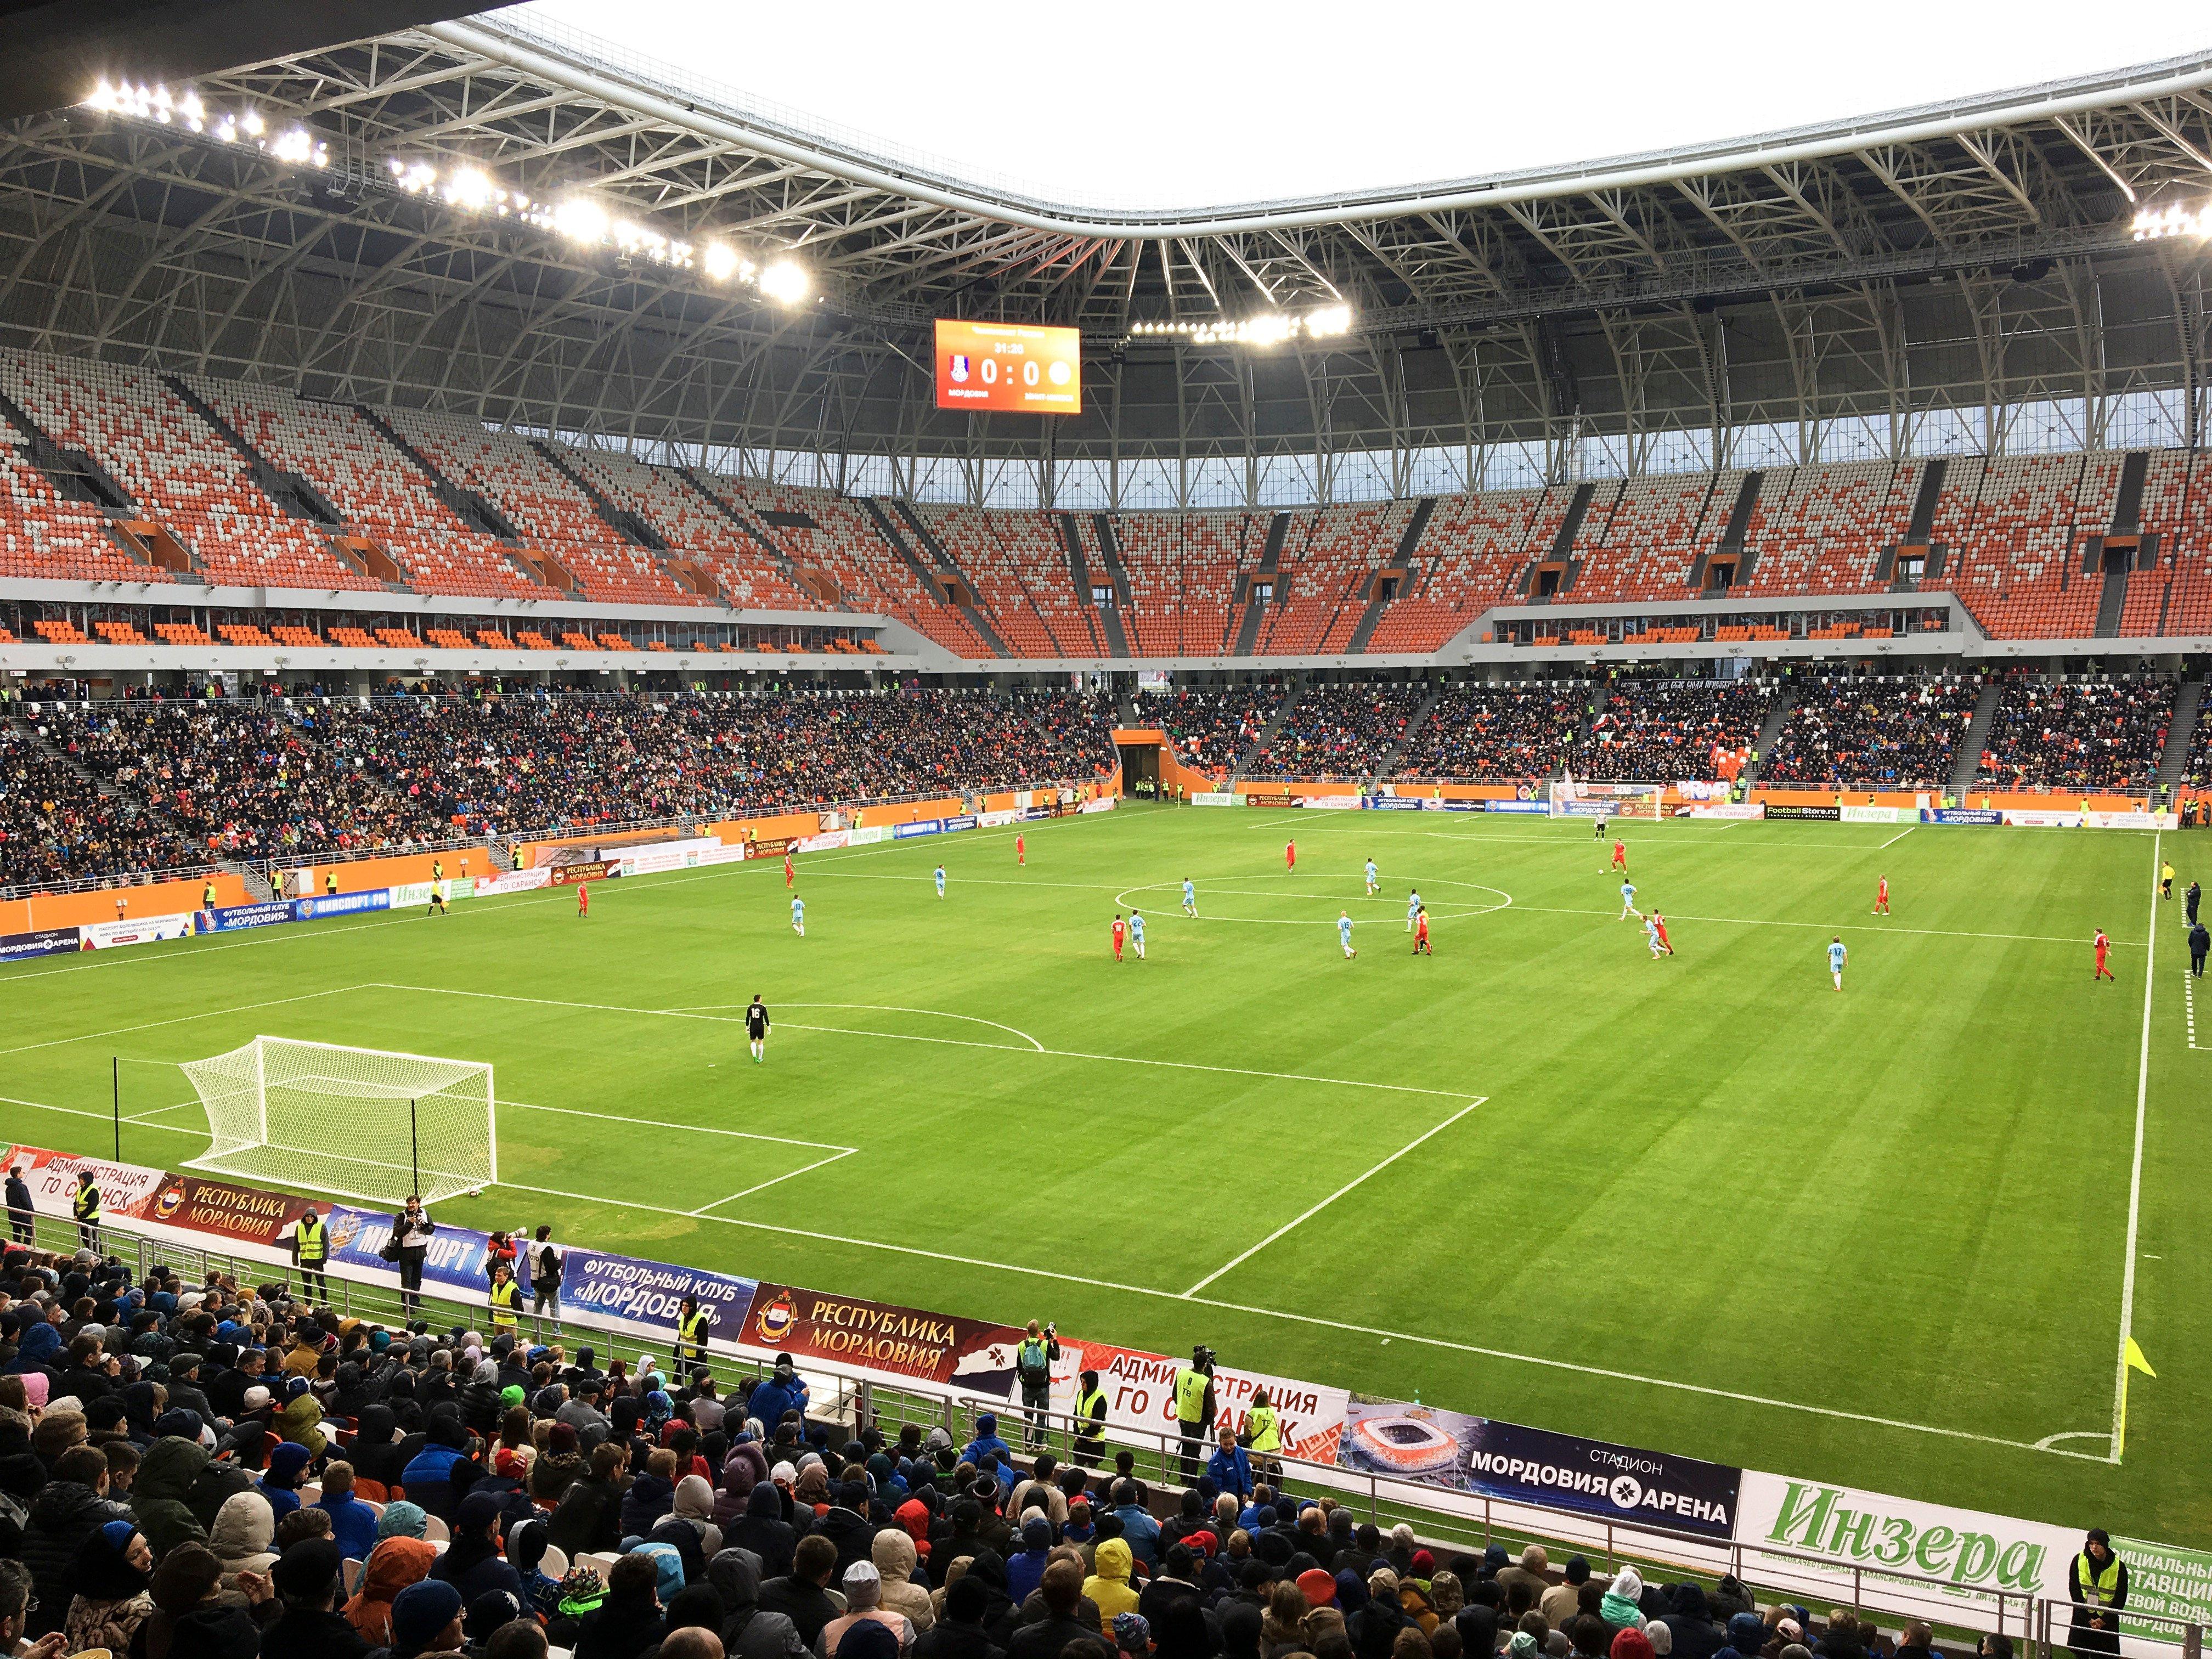 Стадион в Саранске строили с нуля. Стоимость – 15,8 миллиарда рублей.